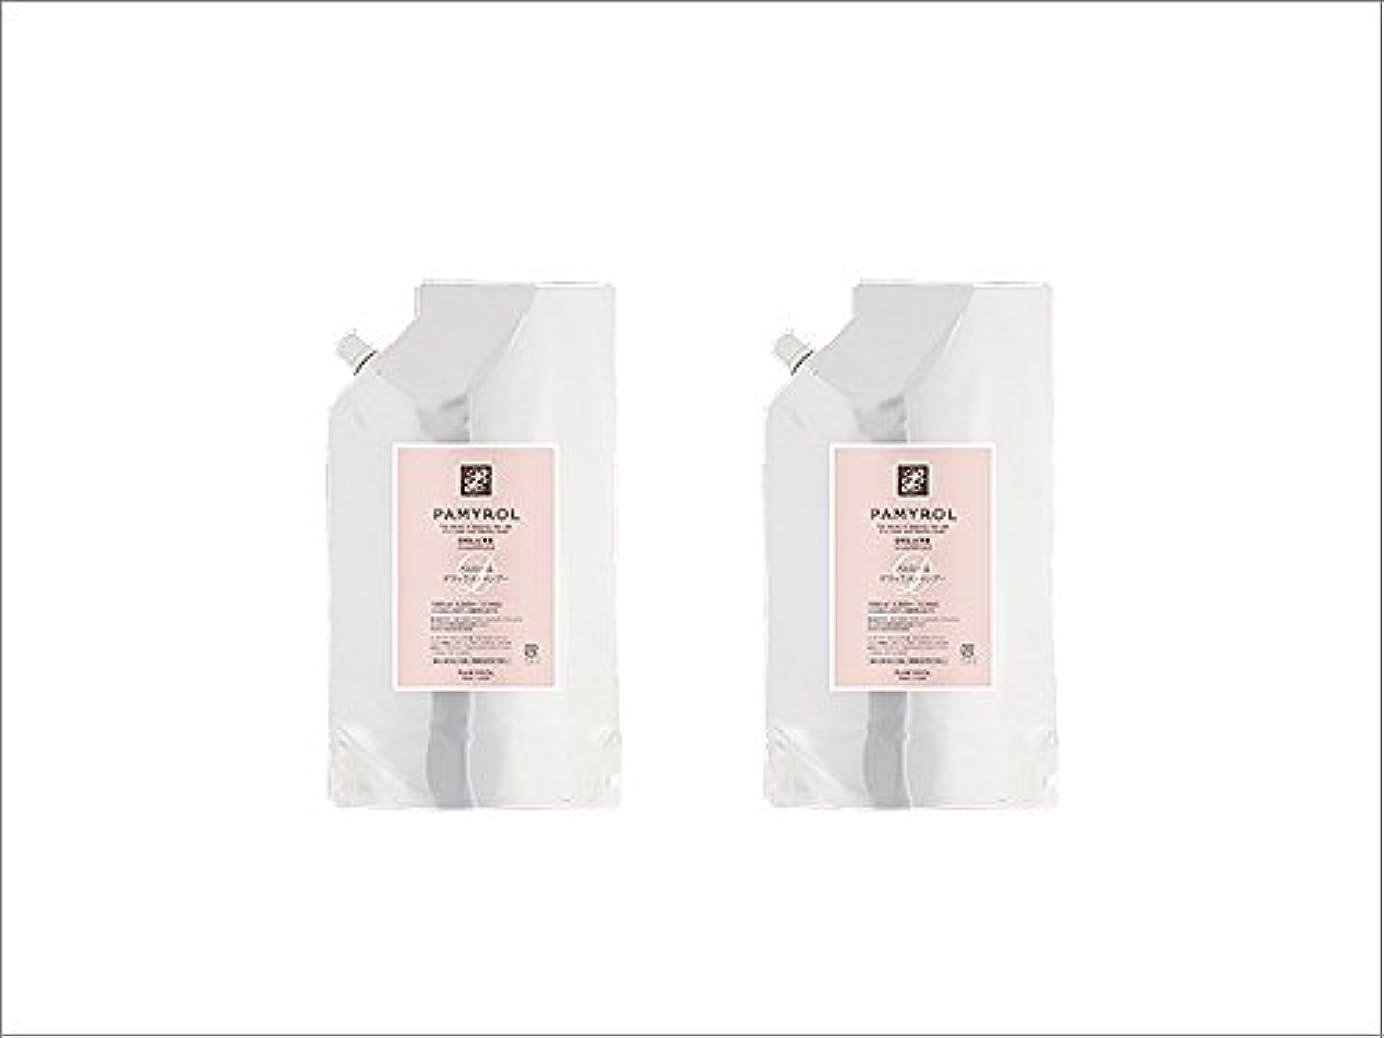 販売員縫い目警戒パミロール デラックスシャンプー1000mlパウチ 2袋セット